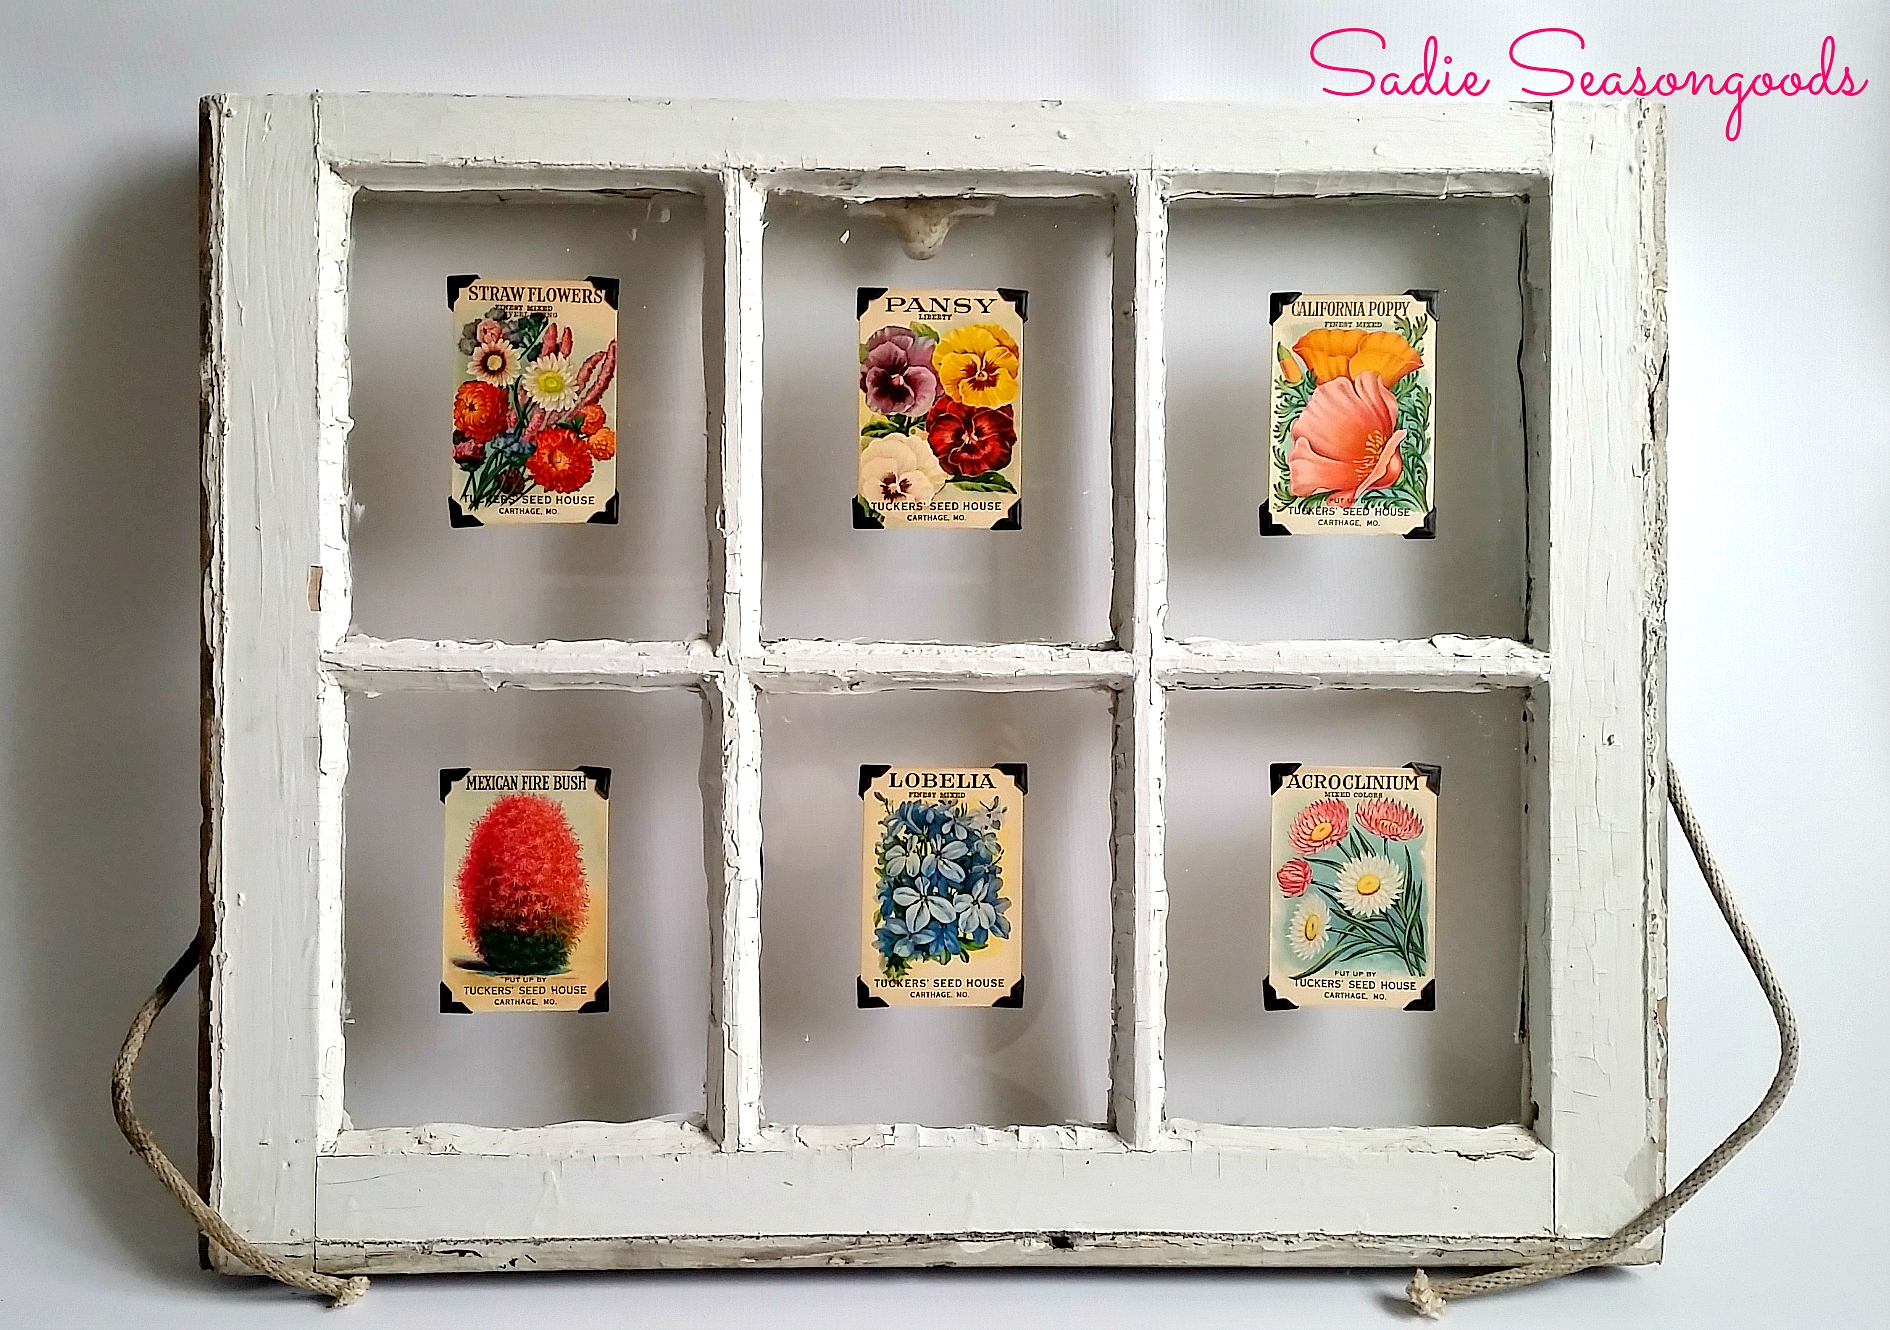 Vintage window seedpacket art, by Sadie Seasongoods, featured on Funky Junk Interiors